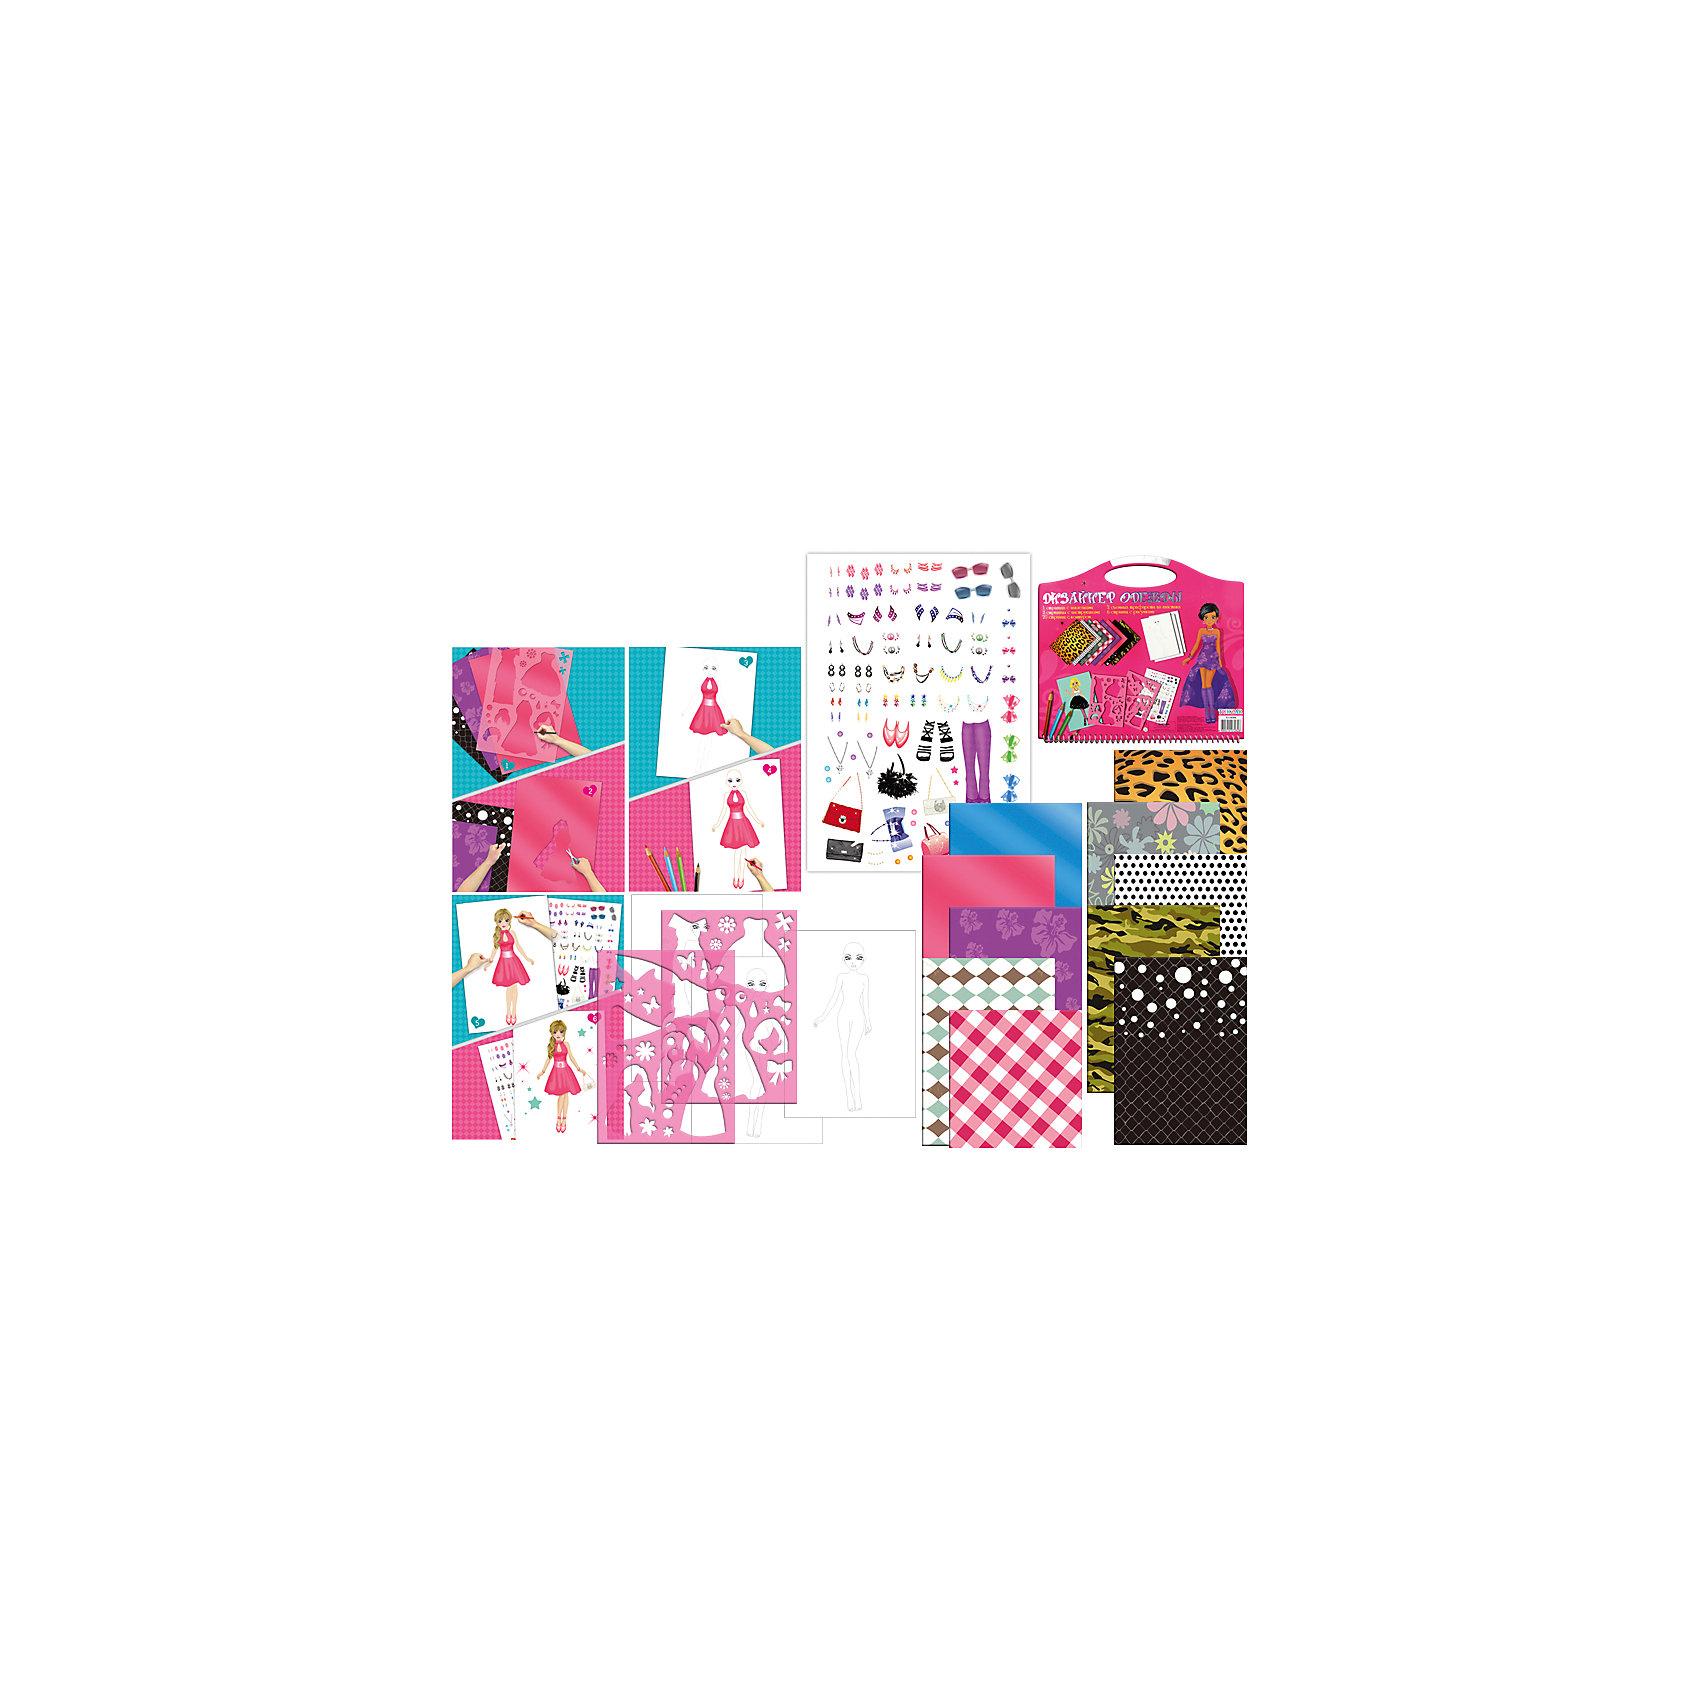 TUKZAR Альбом для творчества Дизайнер одежды, с трафаретами и наклейками